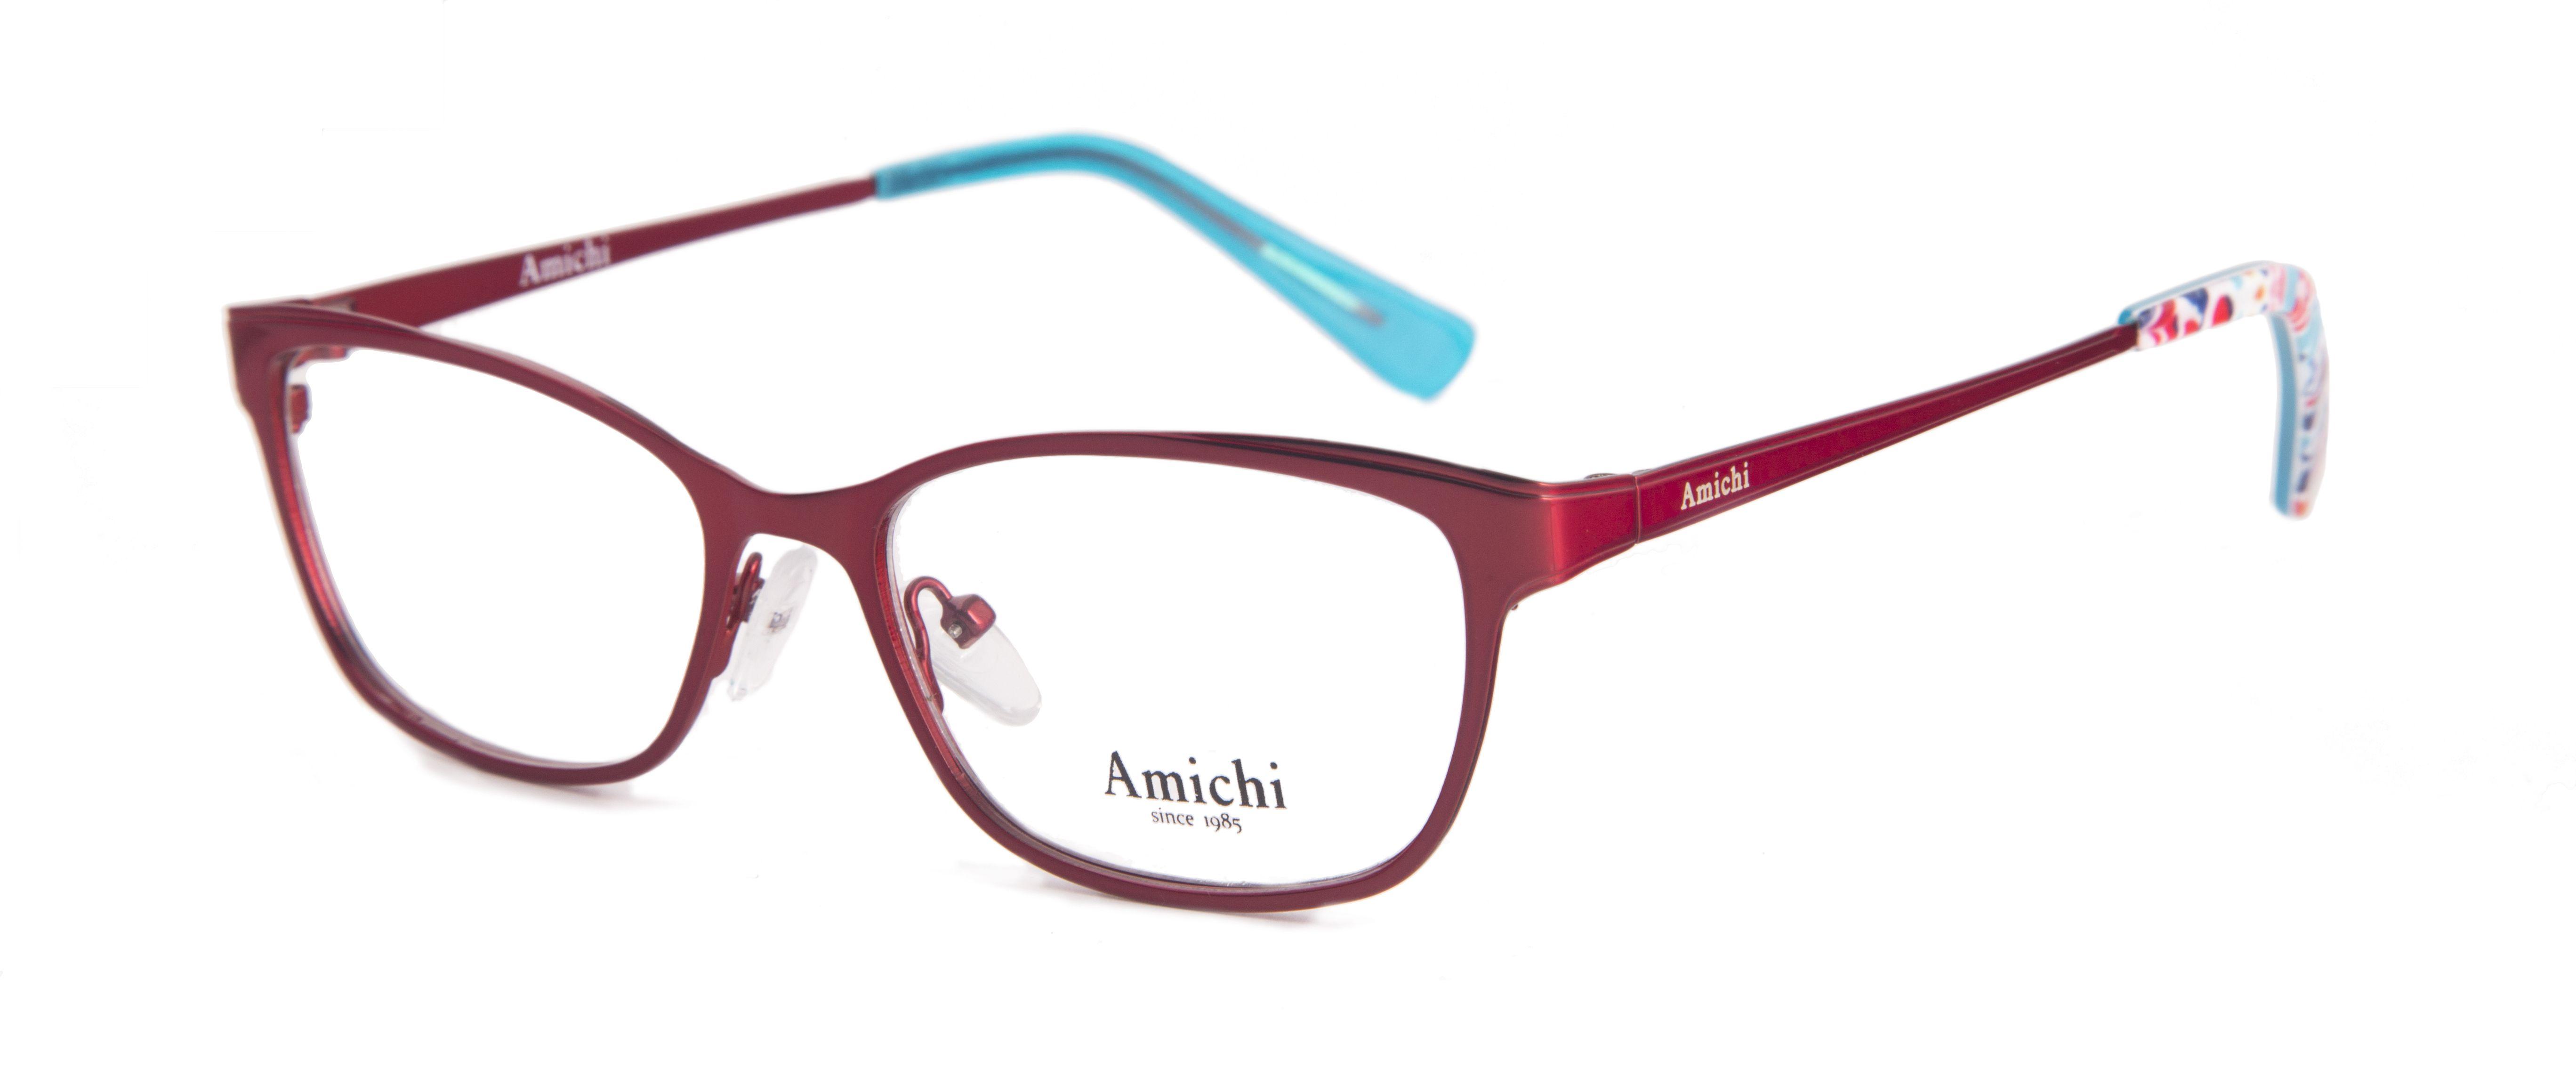 Gafas Amichi para Opticalia. Montura de metal en color rojo y ...